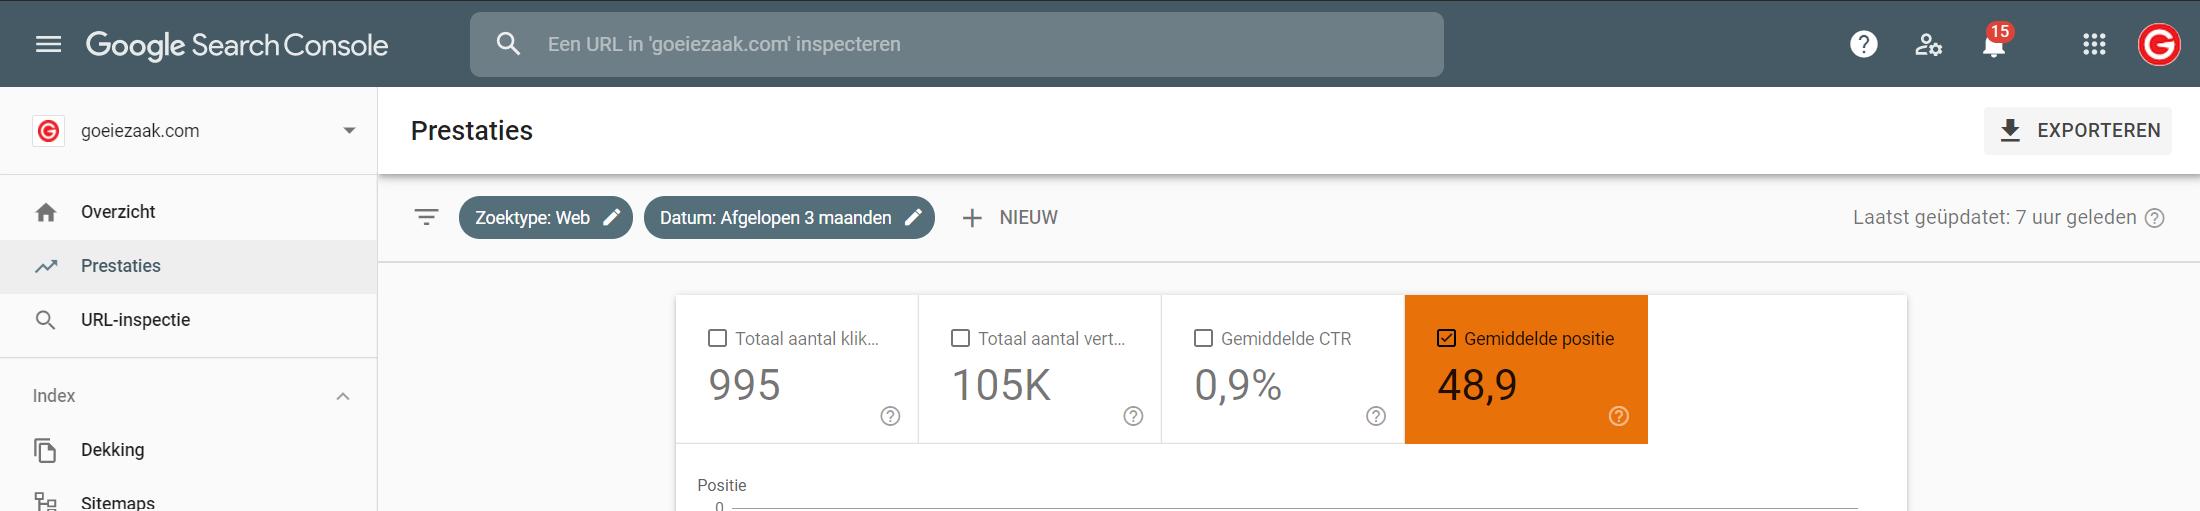 Google Search Console prestaties overzicht zoekwoordenonderzoek